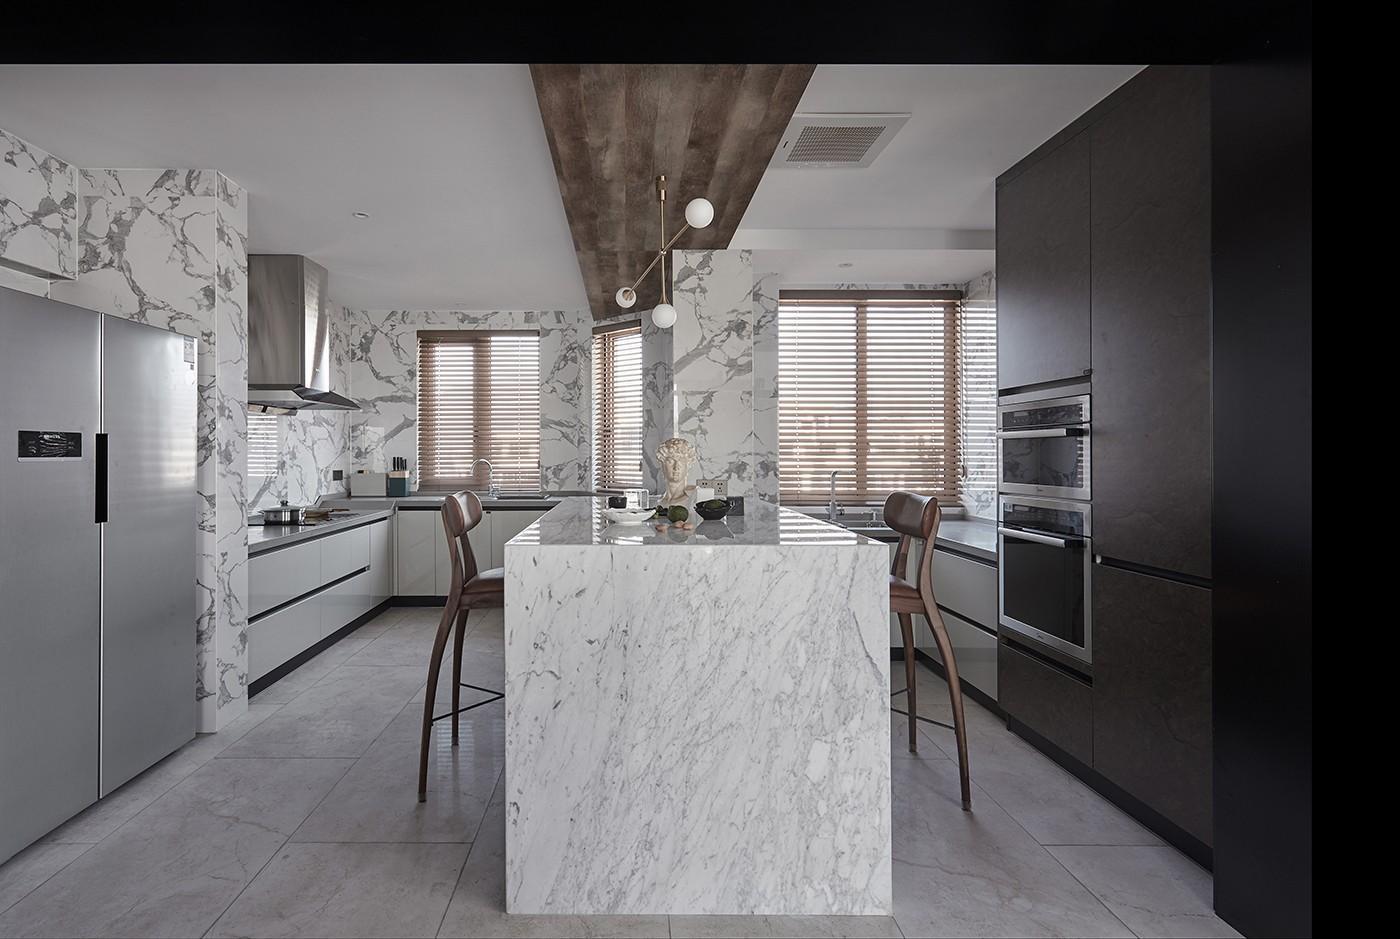 Xu hướng thiết kế nội thất phòng bếp năm 2020